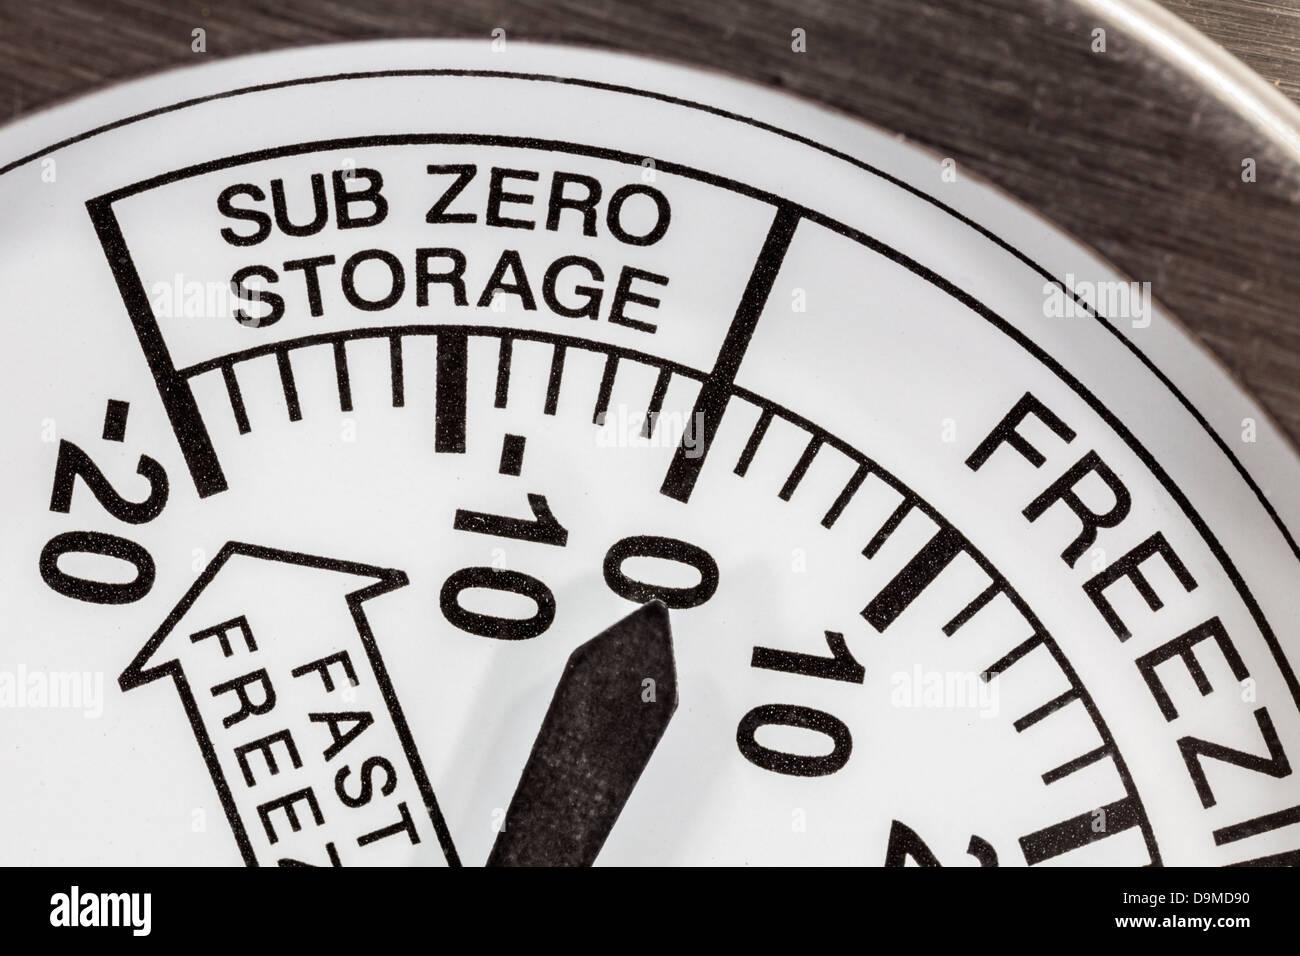 Kühlschrank Thermometer : Sub zero lagerung kühlschrank thermometer makro detail stockfoto